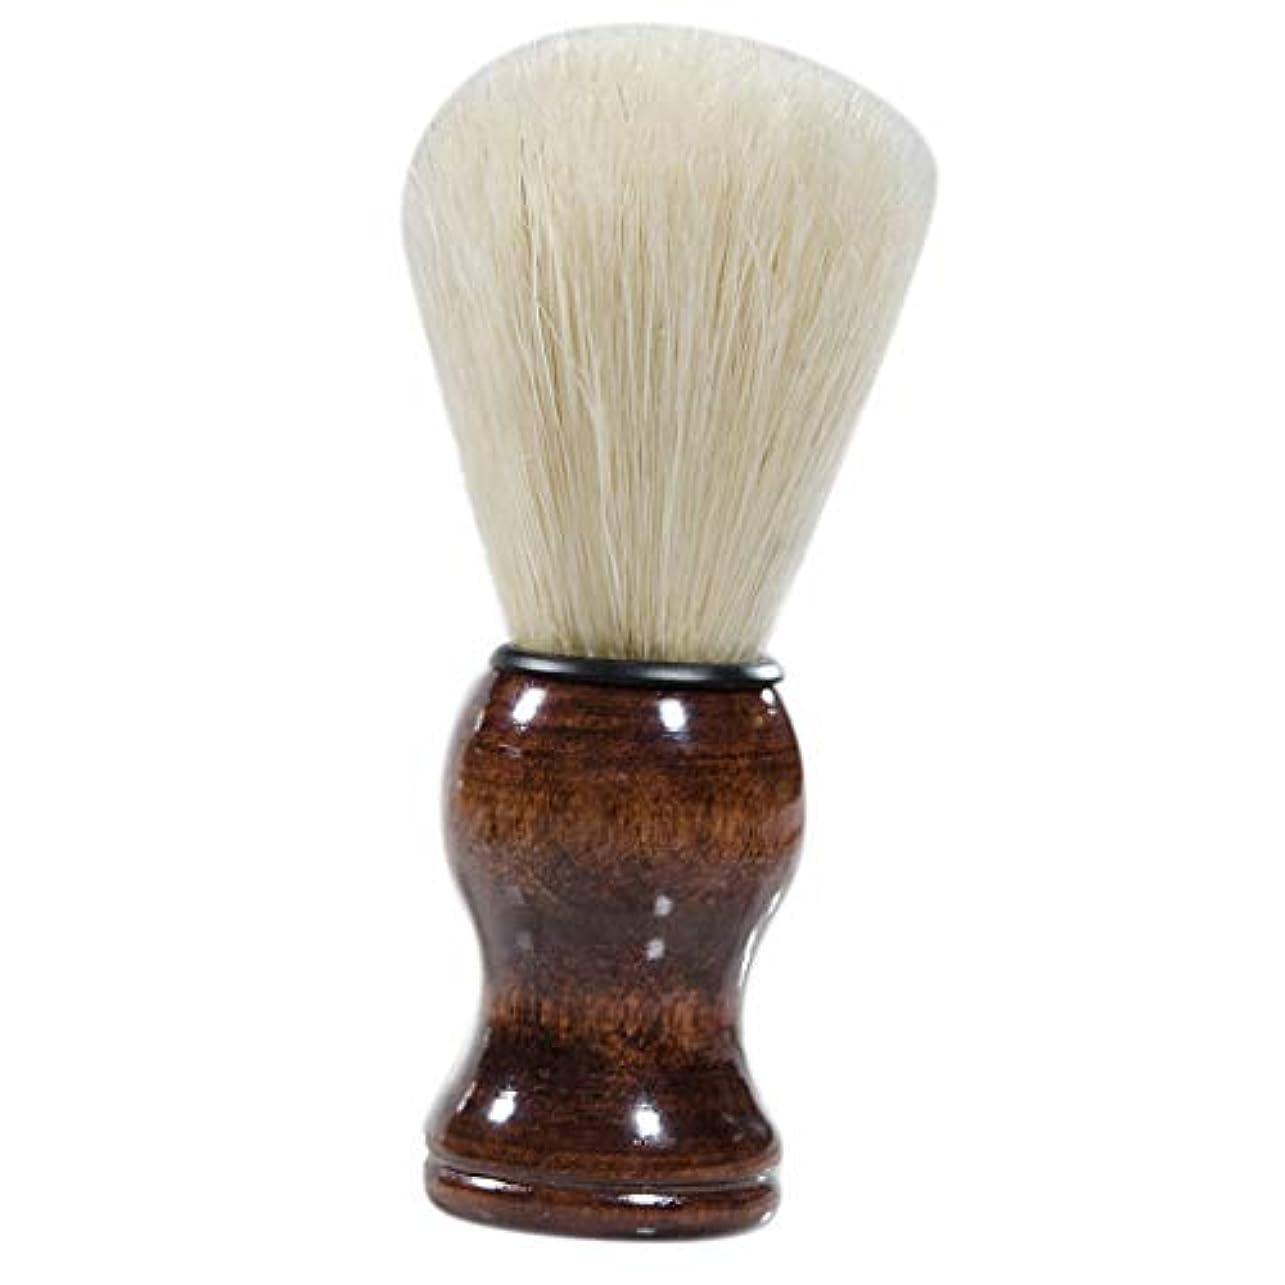 友だちパッチコーヒーHellery ひげブラシ シェービングブラシ 髭剃りブラシ 理容 洗顔 髭剃り 泡立ち 父 プレゼント